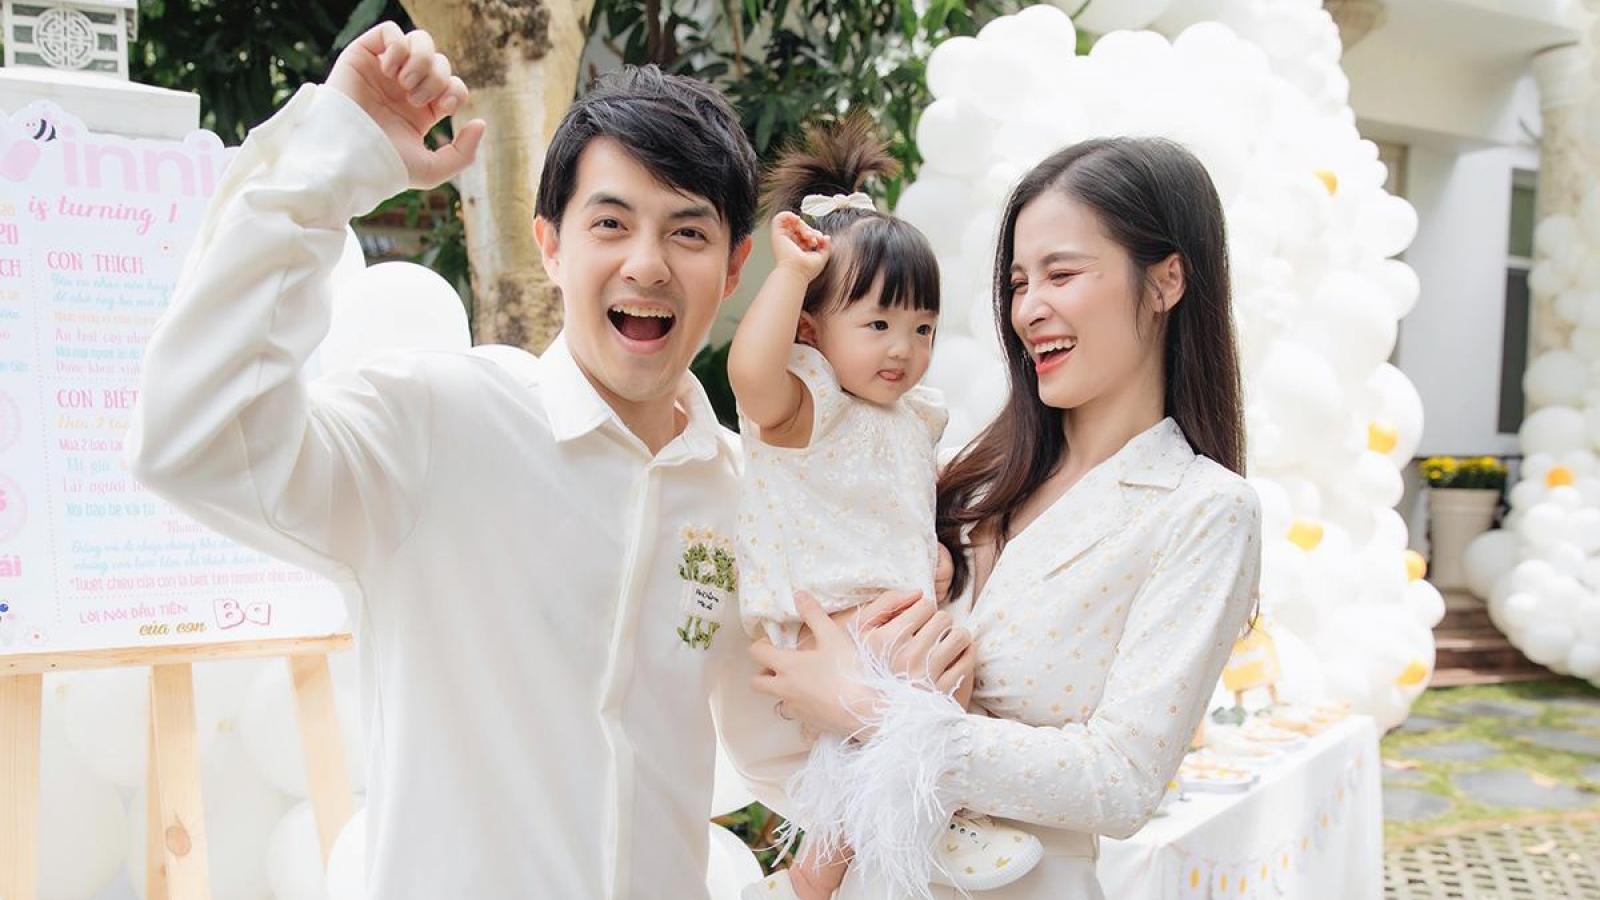 """Chuyện showbiz: Con gái Đông Nhi """"đốn tim"""" fan với loạt ảnh dễ thương trong tiệc sinh nhật"""